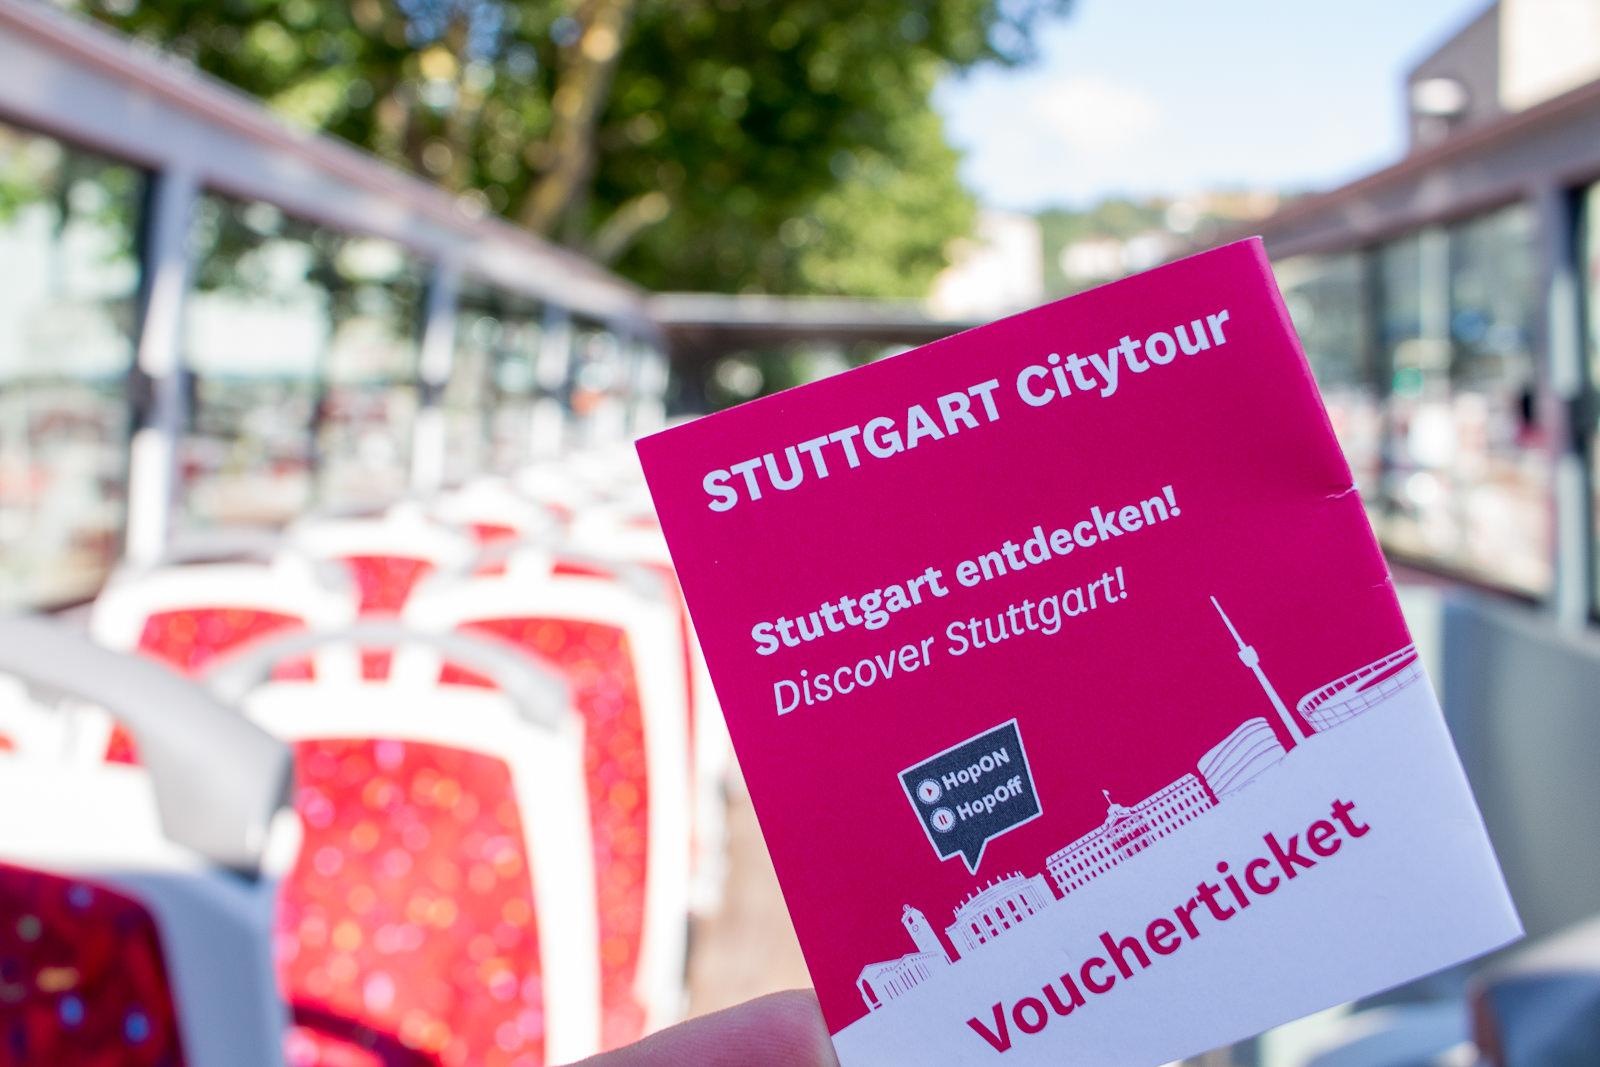 StuttCard, Stuttgart